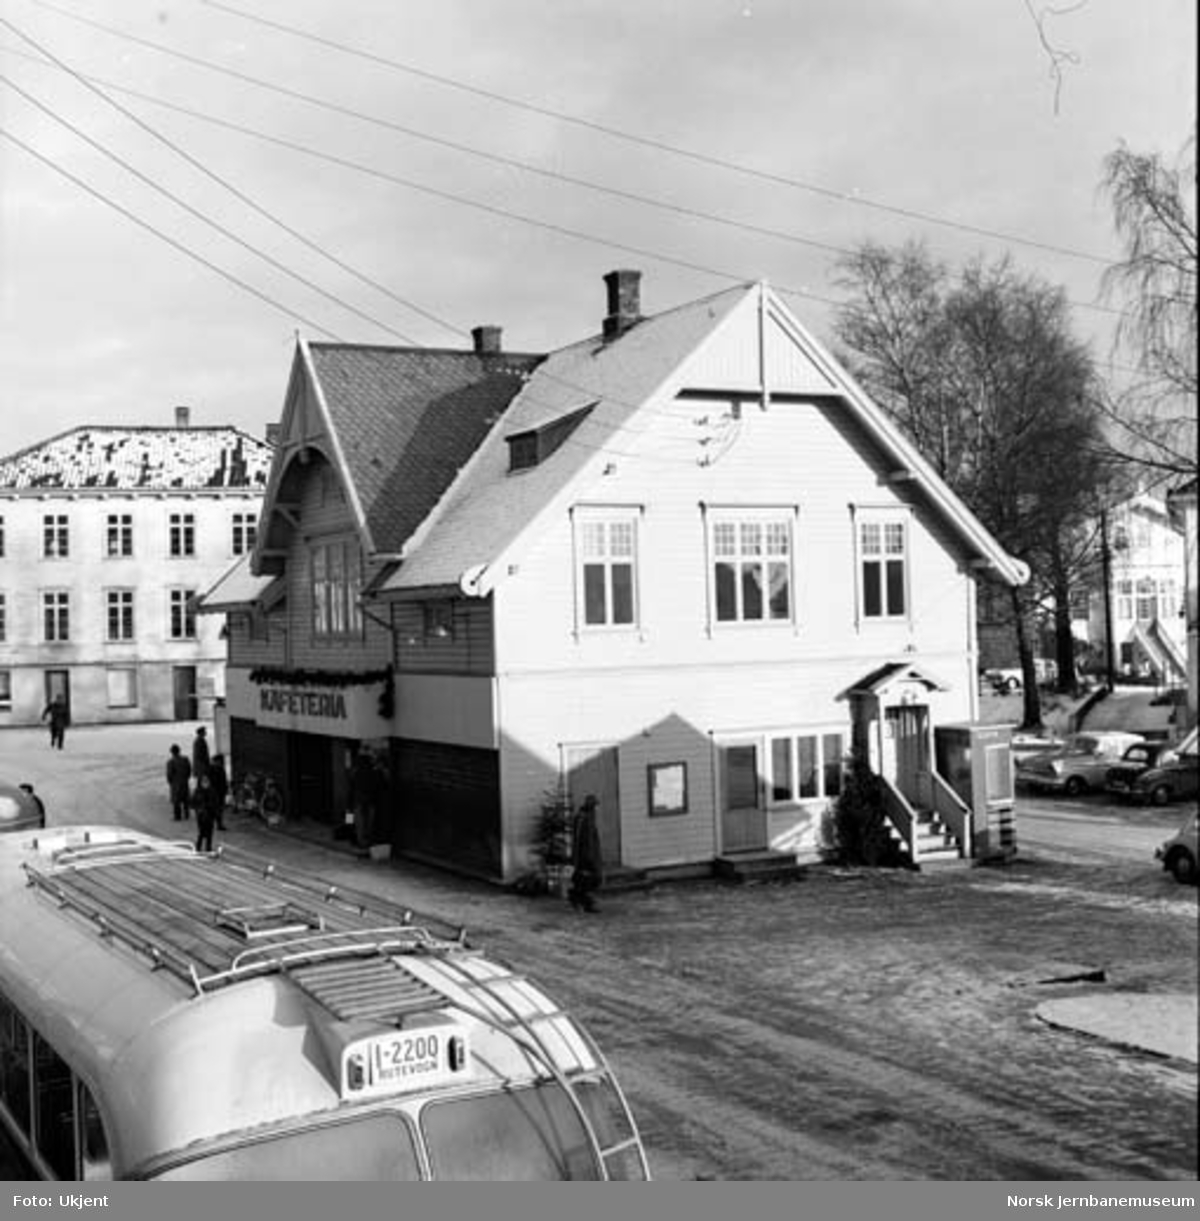 Grimstad stasjon som rutebilstasjon